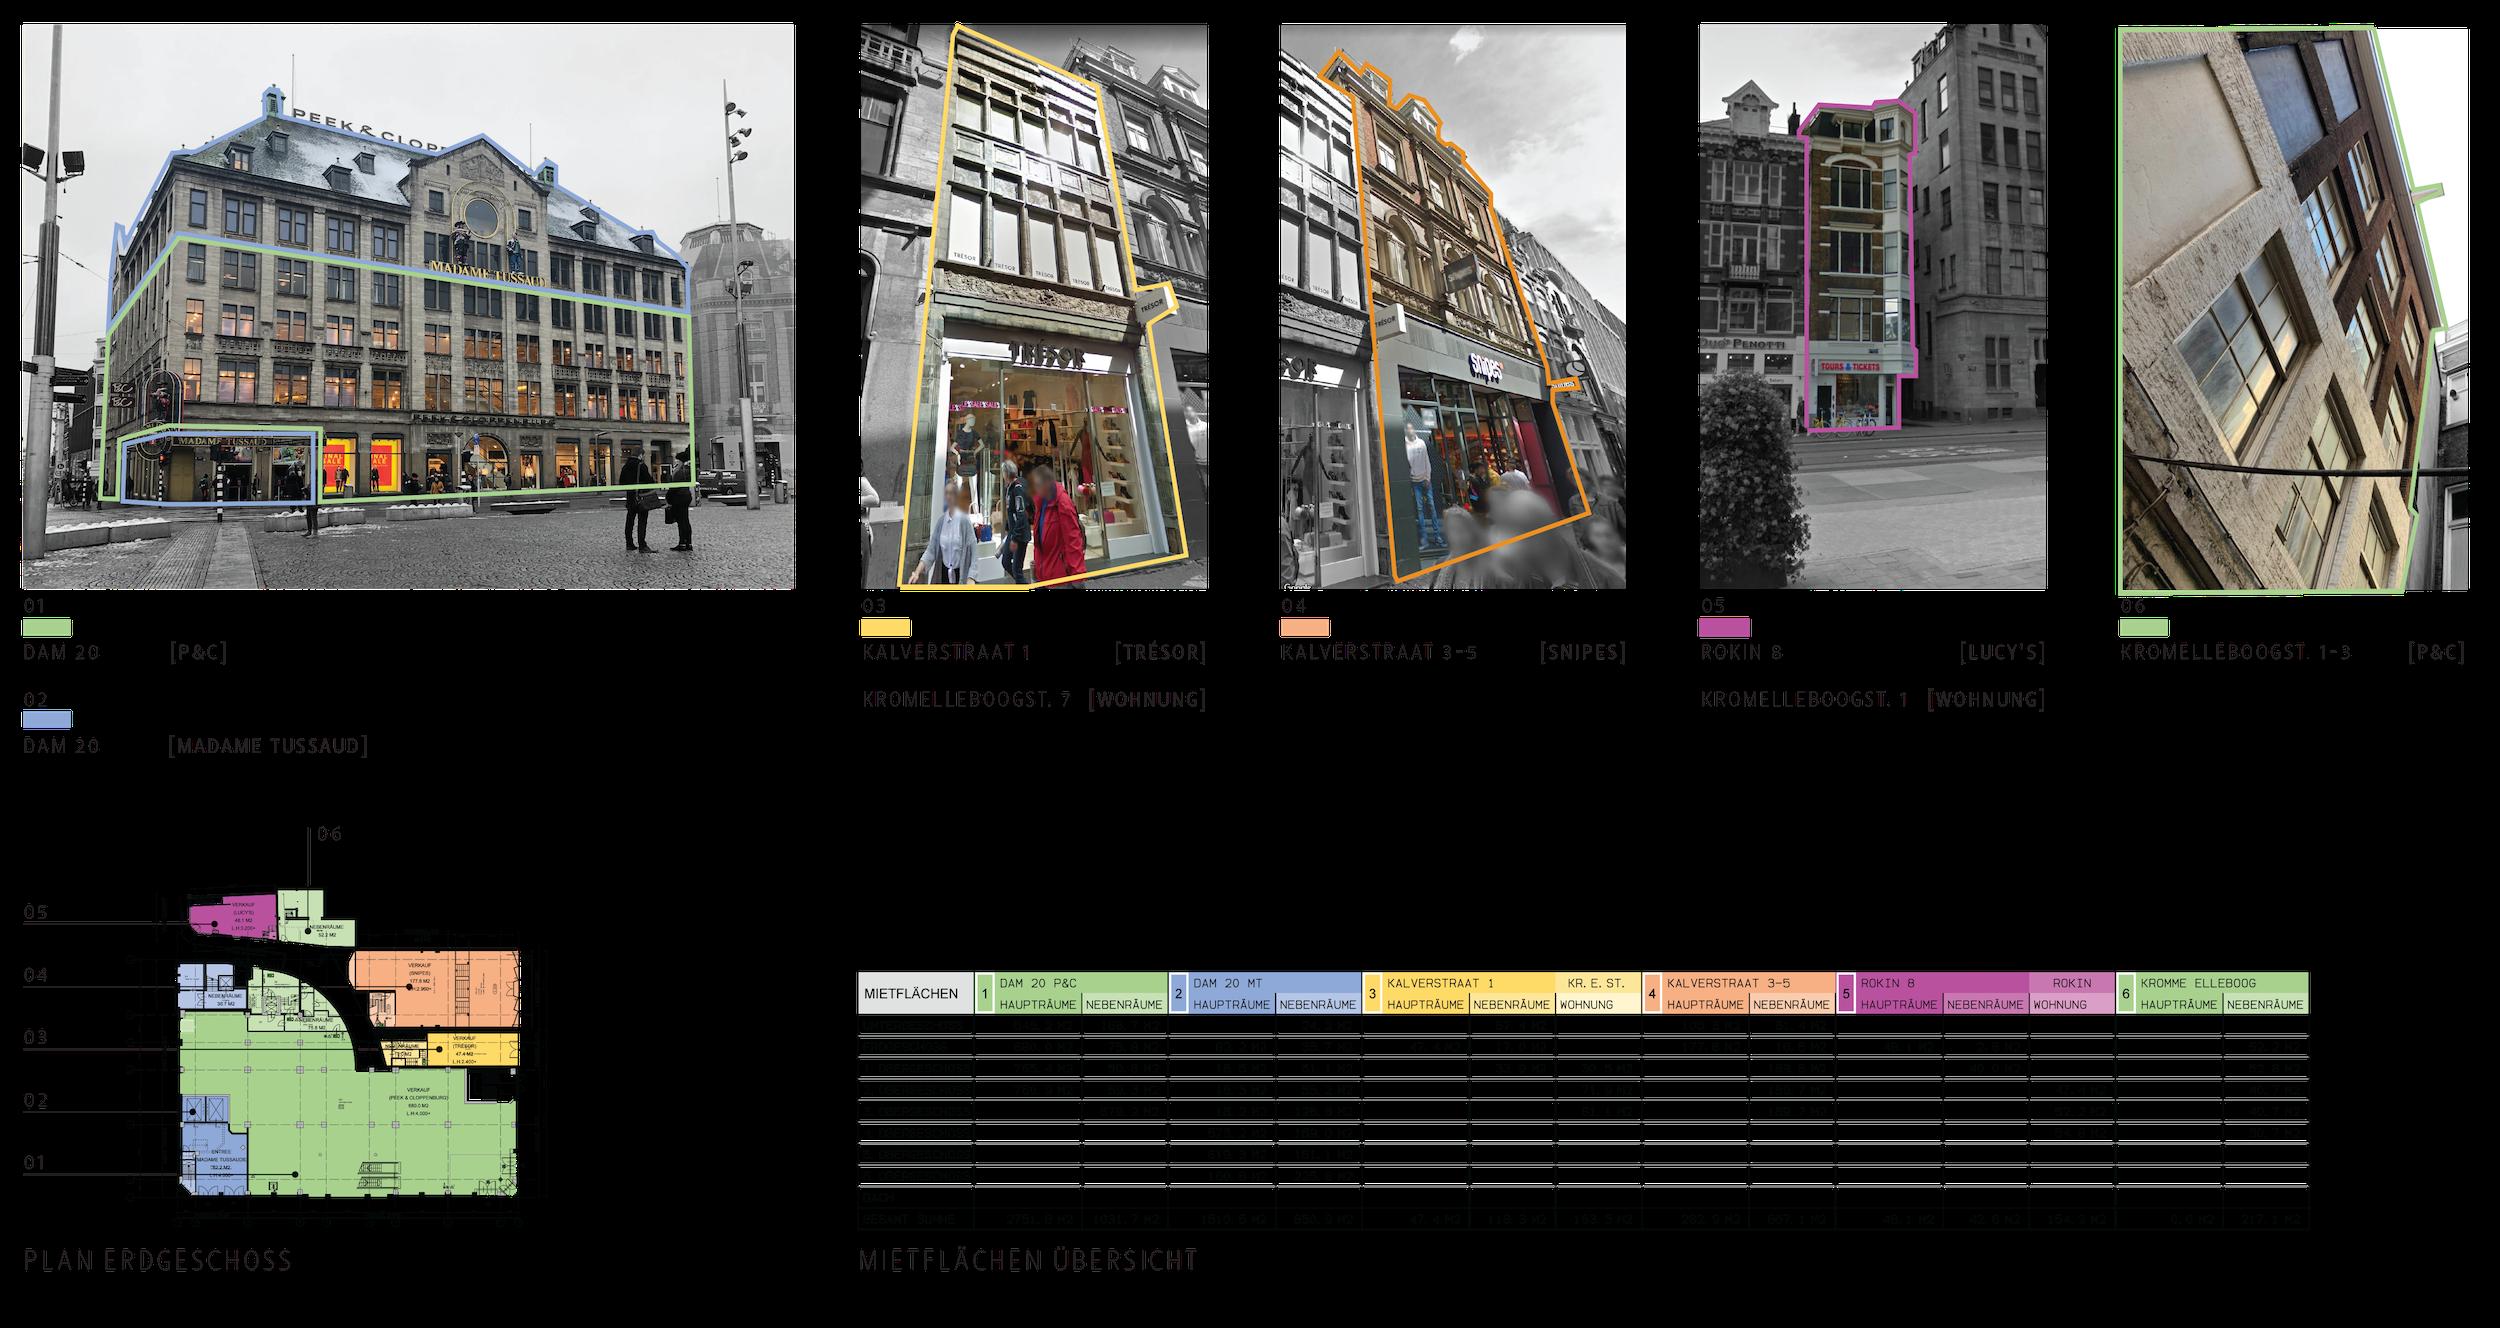 Peek & Cloppenburg Buildings